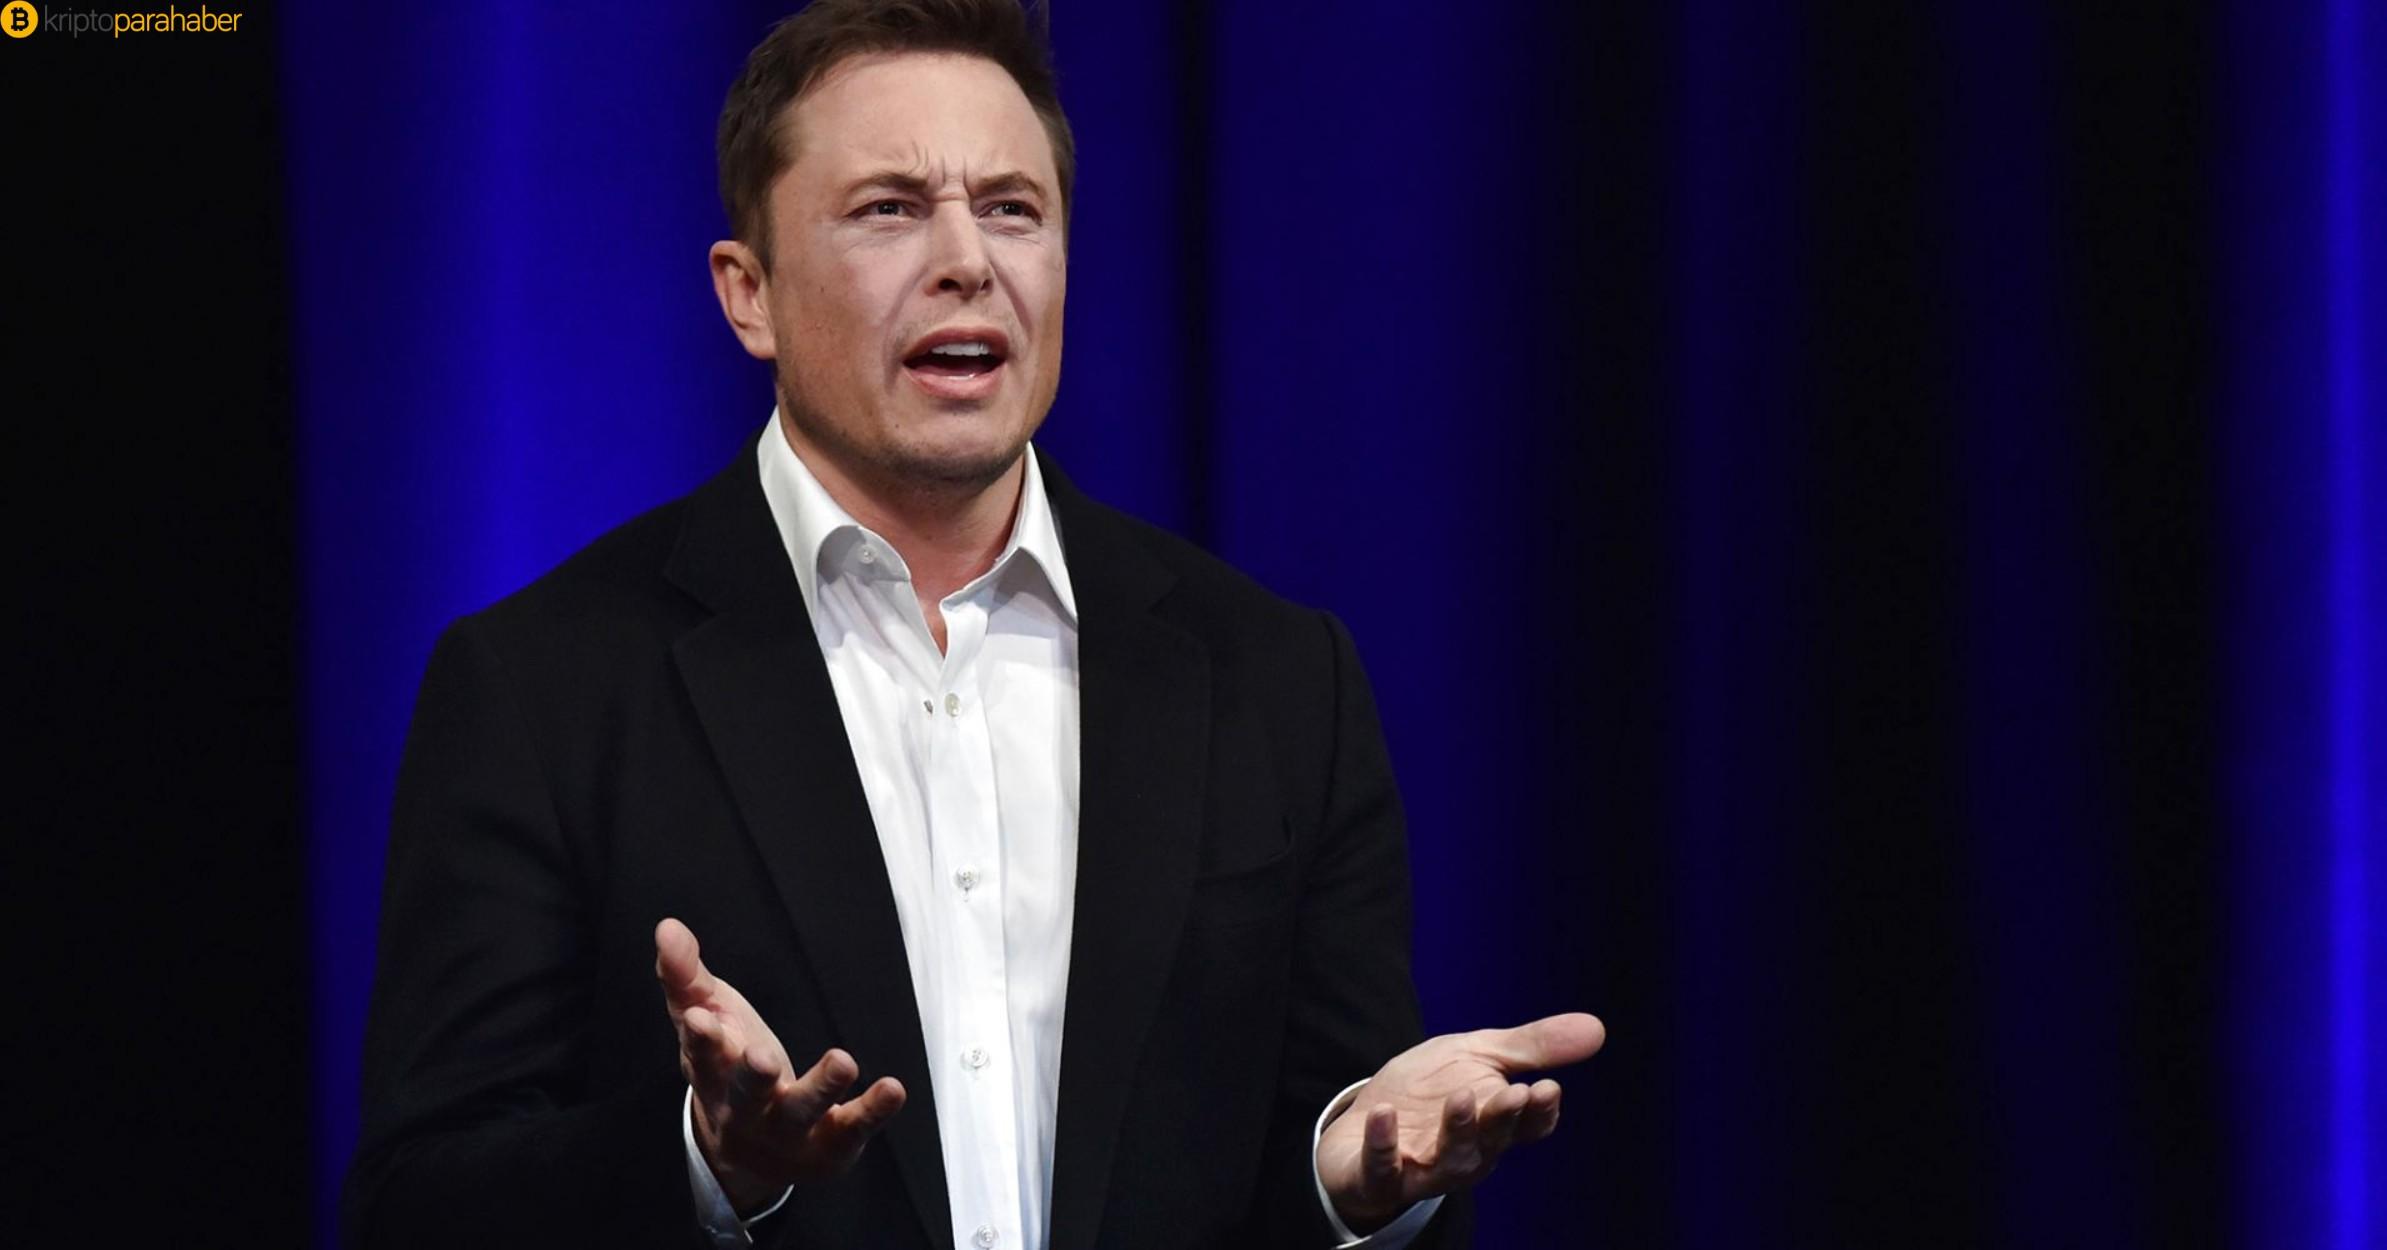 """Tesla'nın Bitcoin kararının arkasındaki şok gerçek açığa çıktı: """"Elon Musk'a baskı yaptılar!"""""""